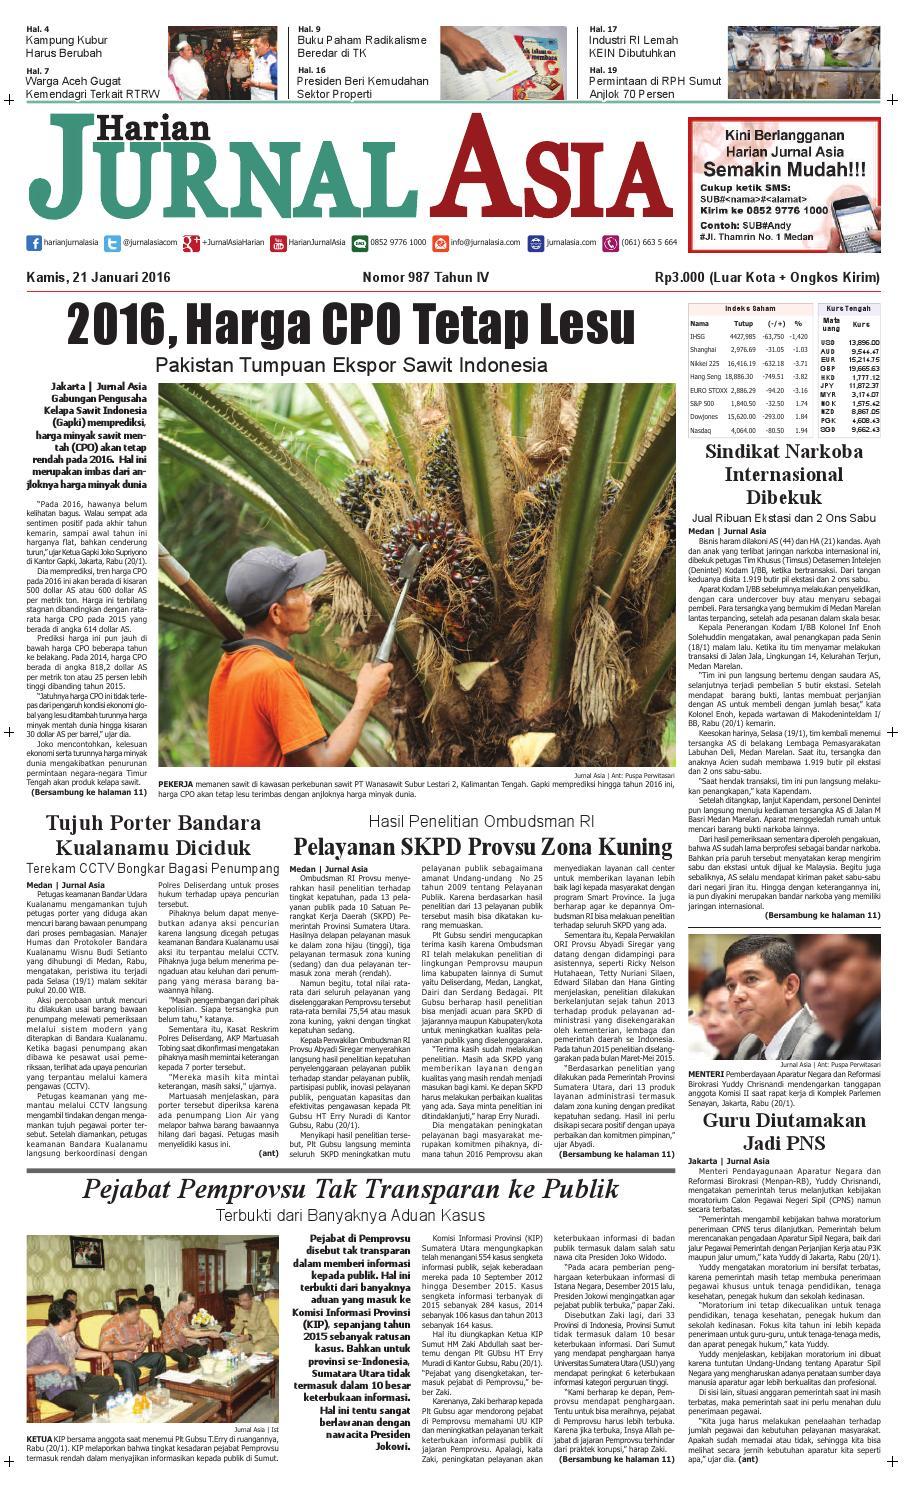 Harian Jurnal Asia Edisi Kamis 21 Januari 2016 By Herbal Khalifah Specialis Lovbird Berlemak Atau Gajeh Medan Issuu